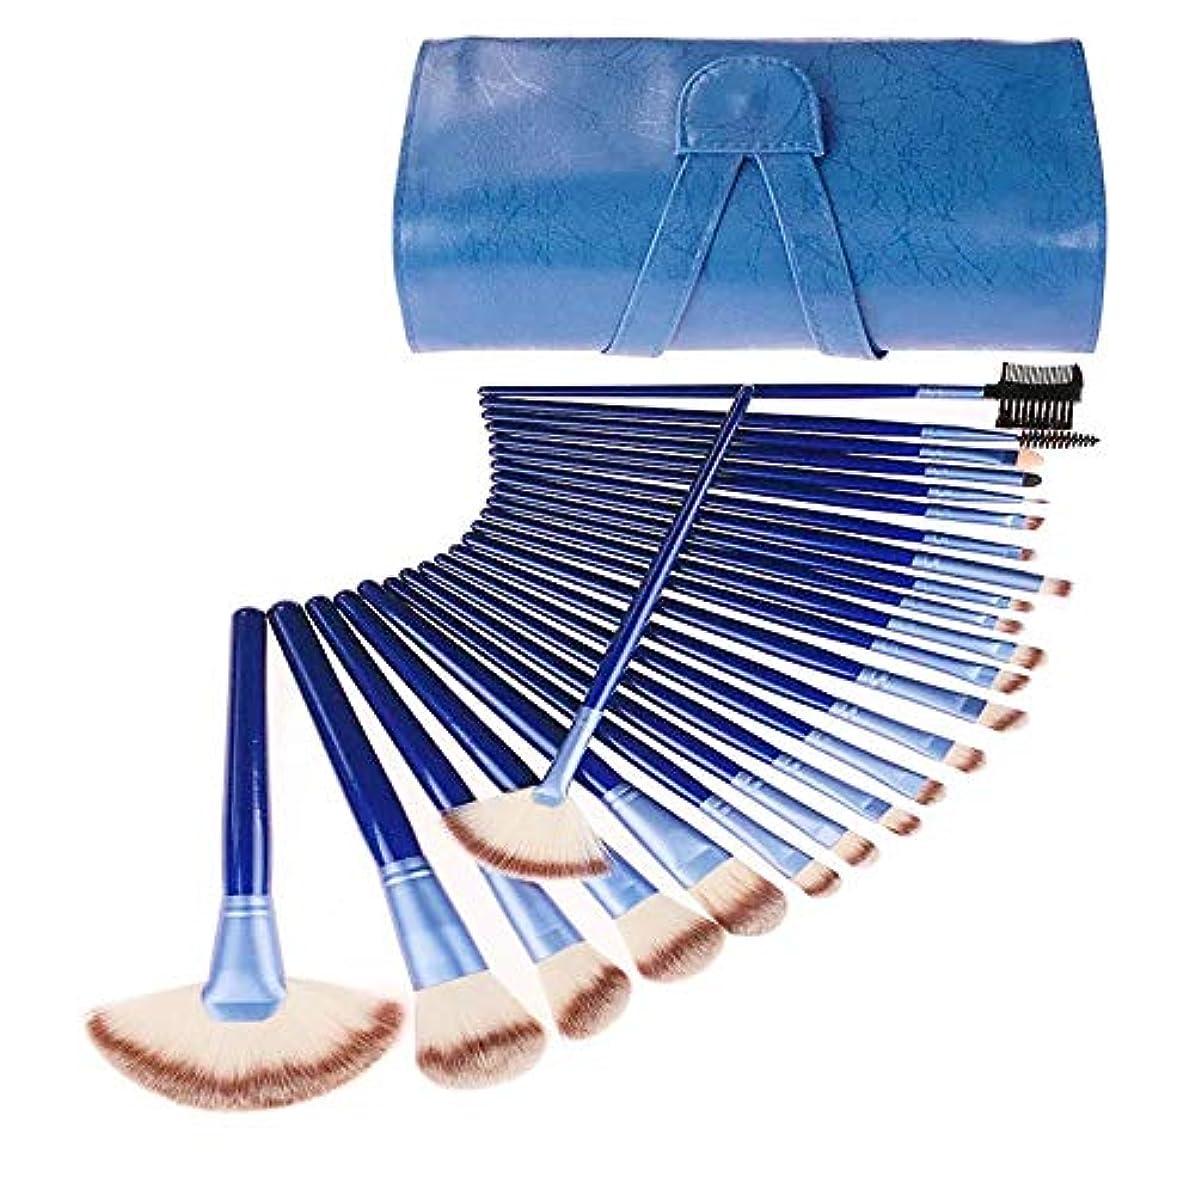 臨検十二アプトCHANGYUXINTAI-HUAZHUANGSHUA 青化粧品のすべての種類に適した24個のプロのメイクアップブラシ、 (Color : Blue)